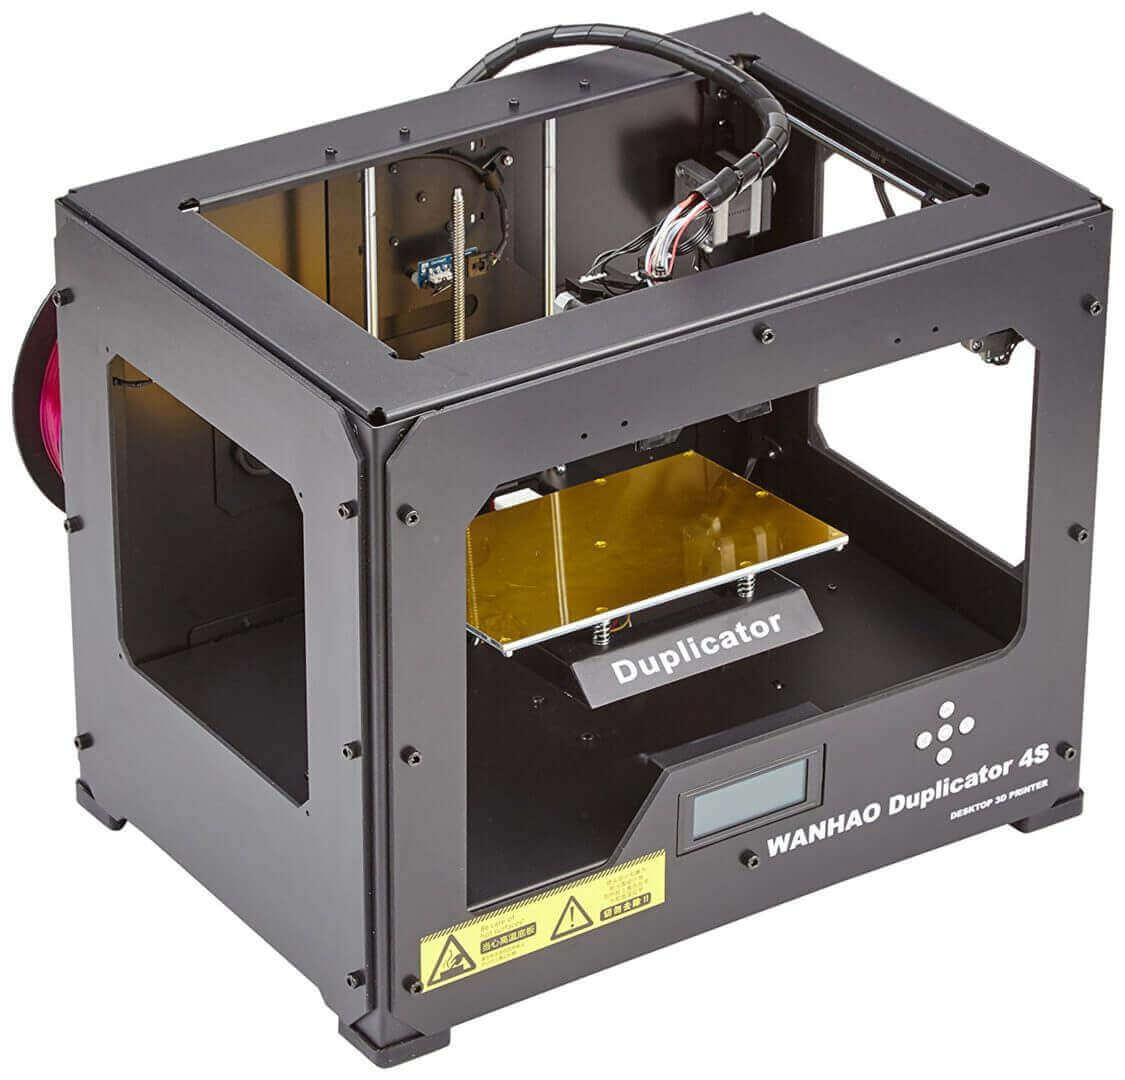 خرید پرینتر سه بعدی ارزان Wanhao Duplicator 4S